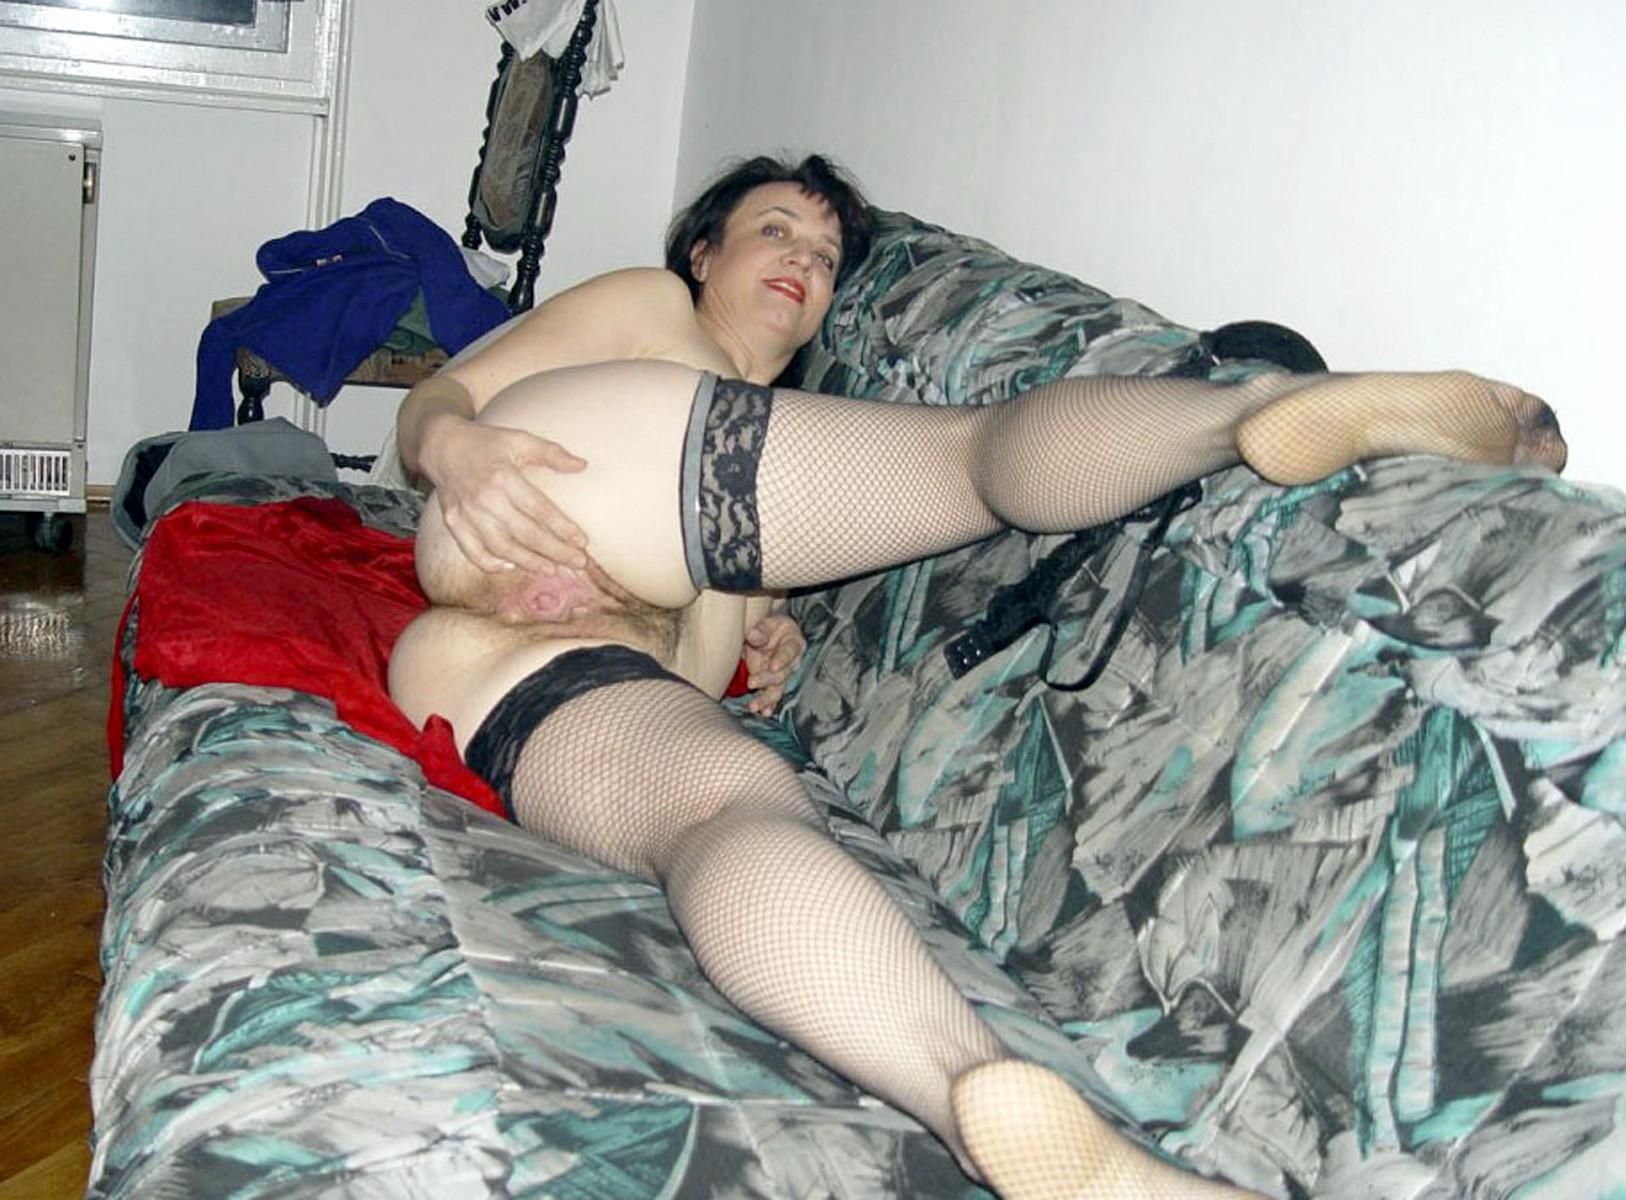 Фото женщин старых раком, Фото зрелых баб стоящих раком Частные порно фото 9 фотография